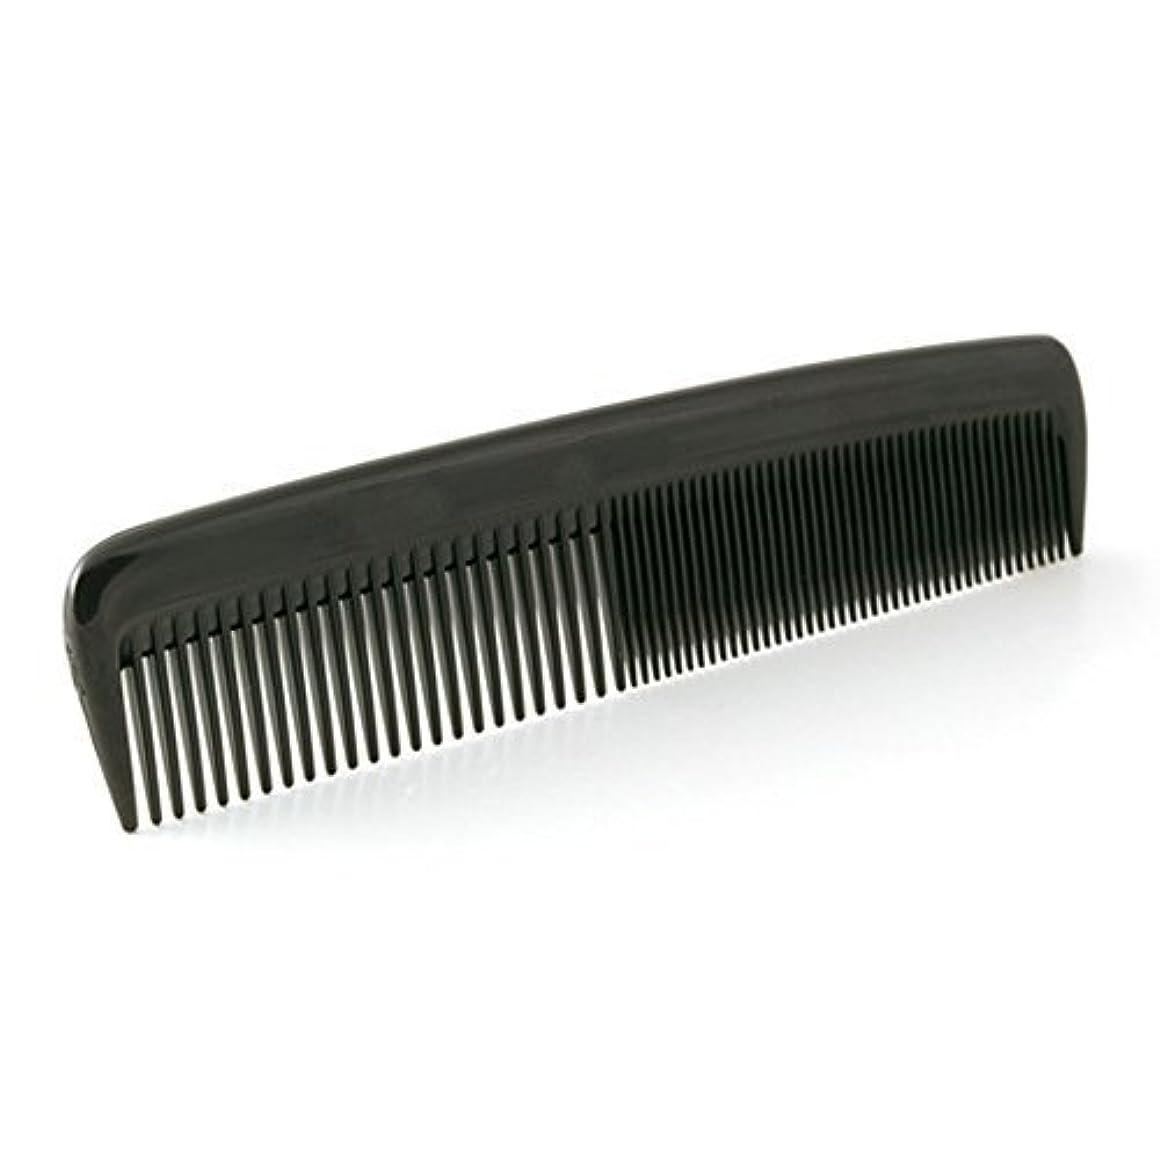 醜いに対処する活気づけるAce Classic Pocket Hair Comb (Pack of 6) [並行輸入品]